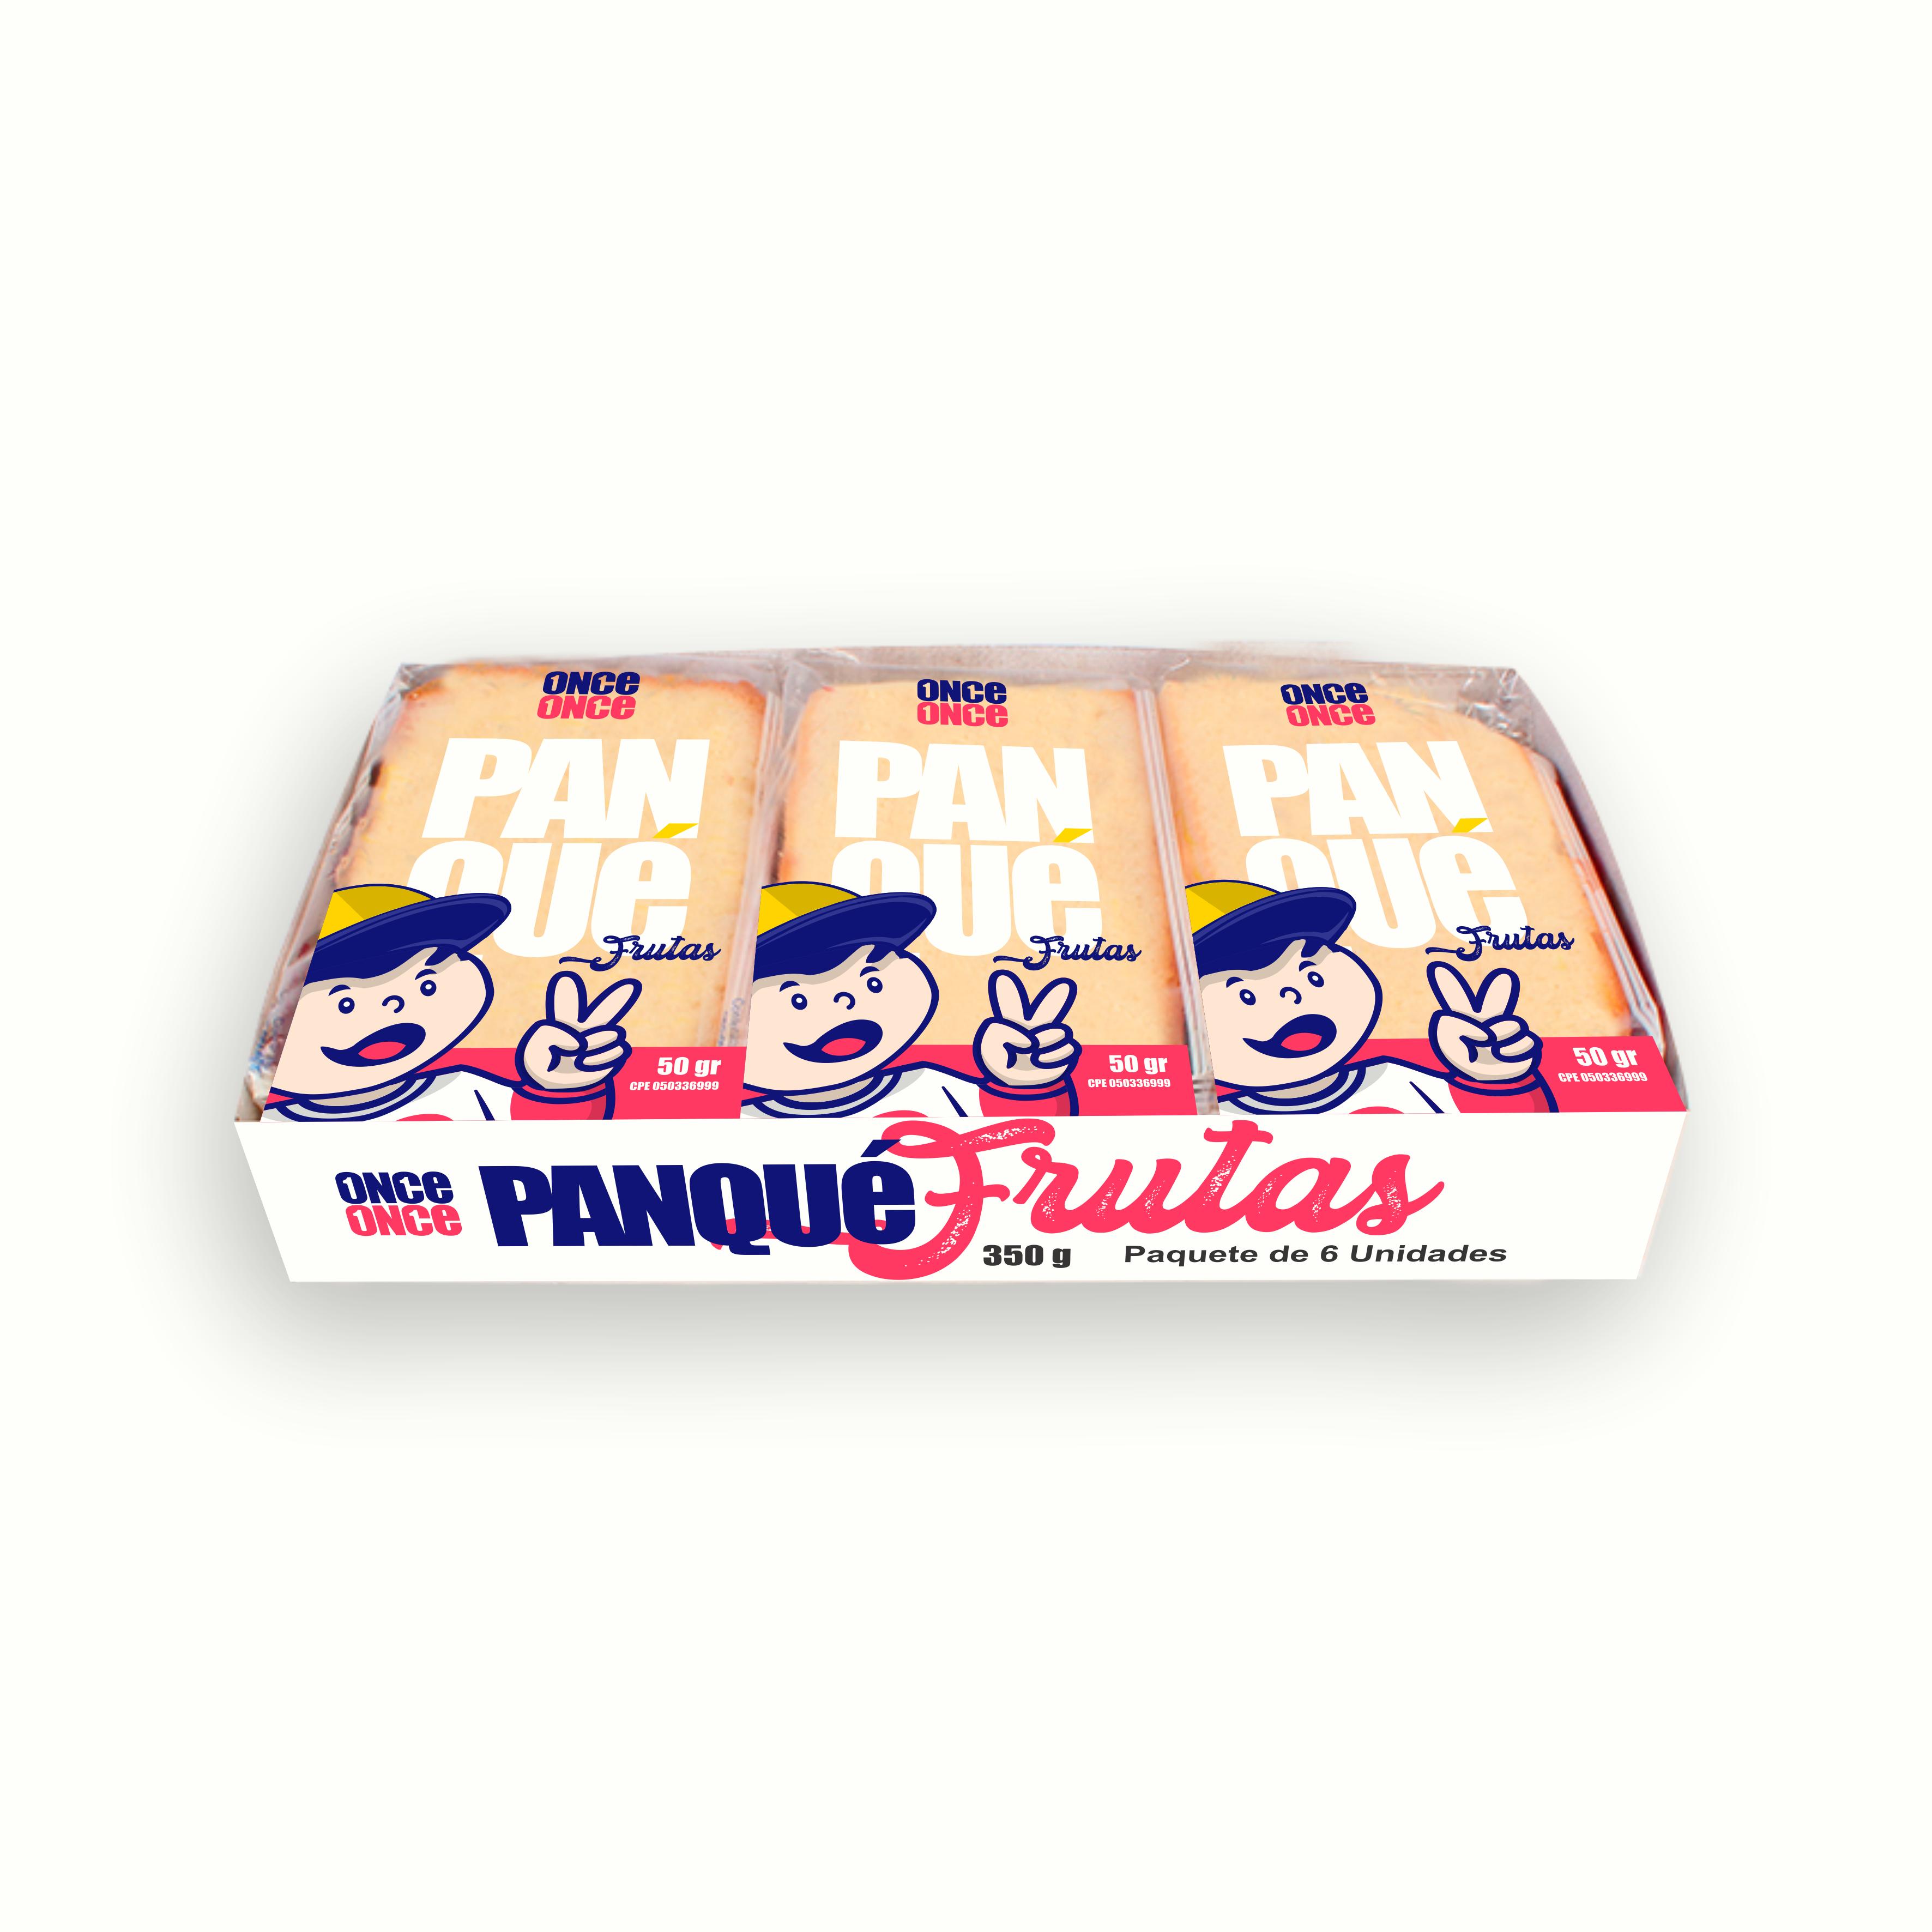 ONCE ONCE - Box - 03 - Panqué - 00 - 02 - 350 G Paquete de 6 Unidades